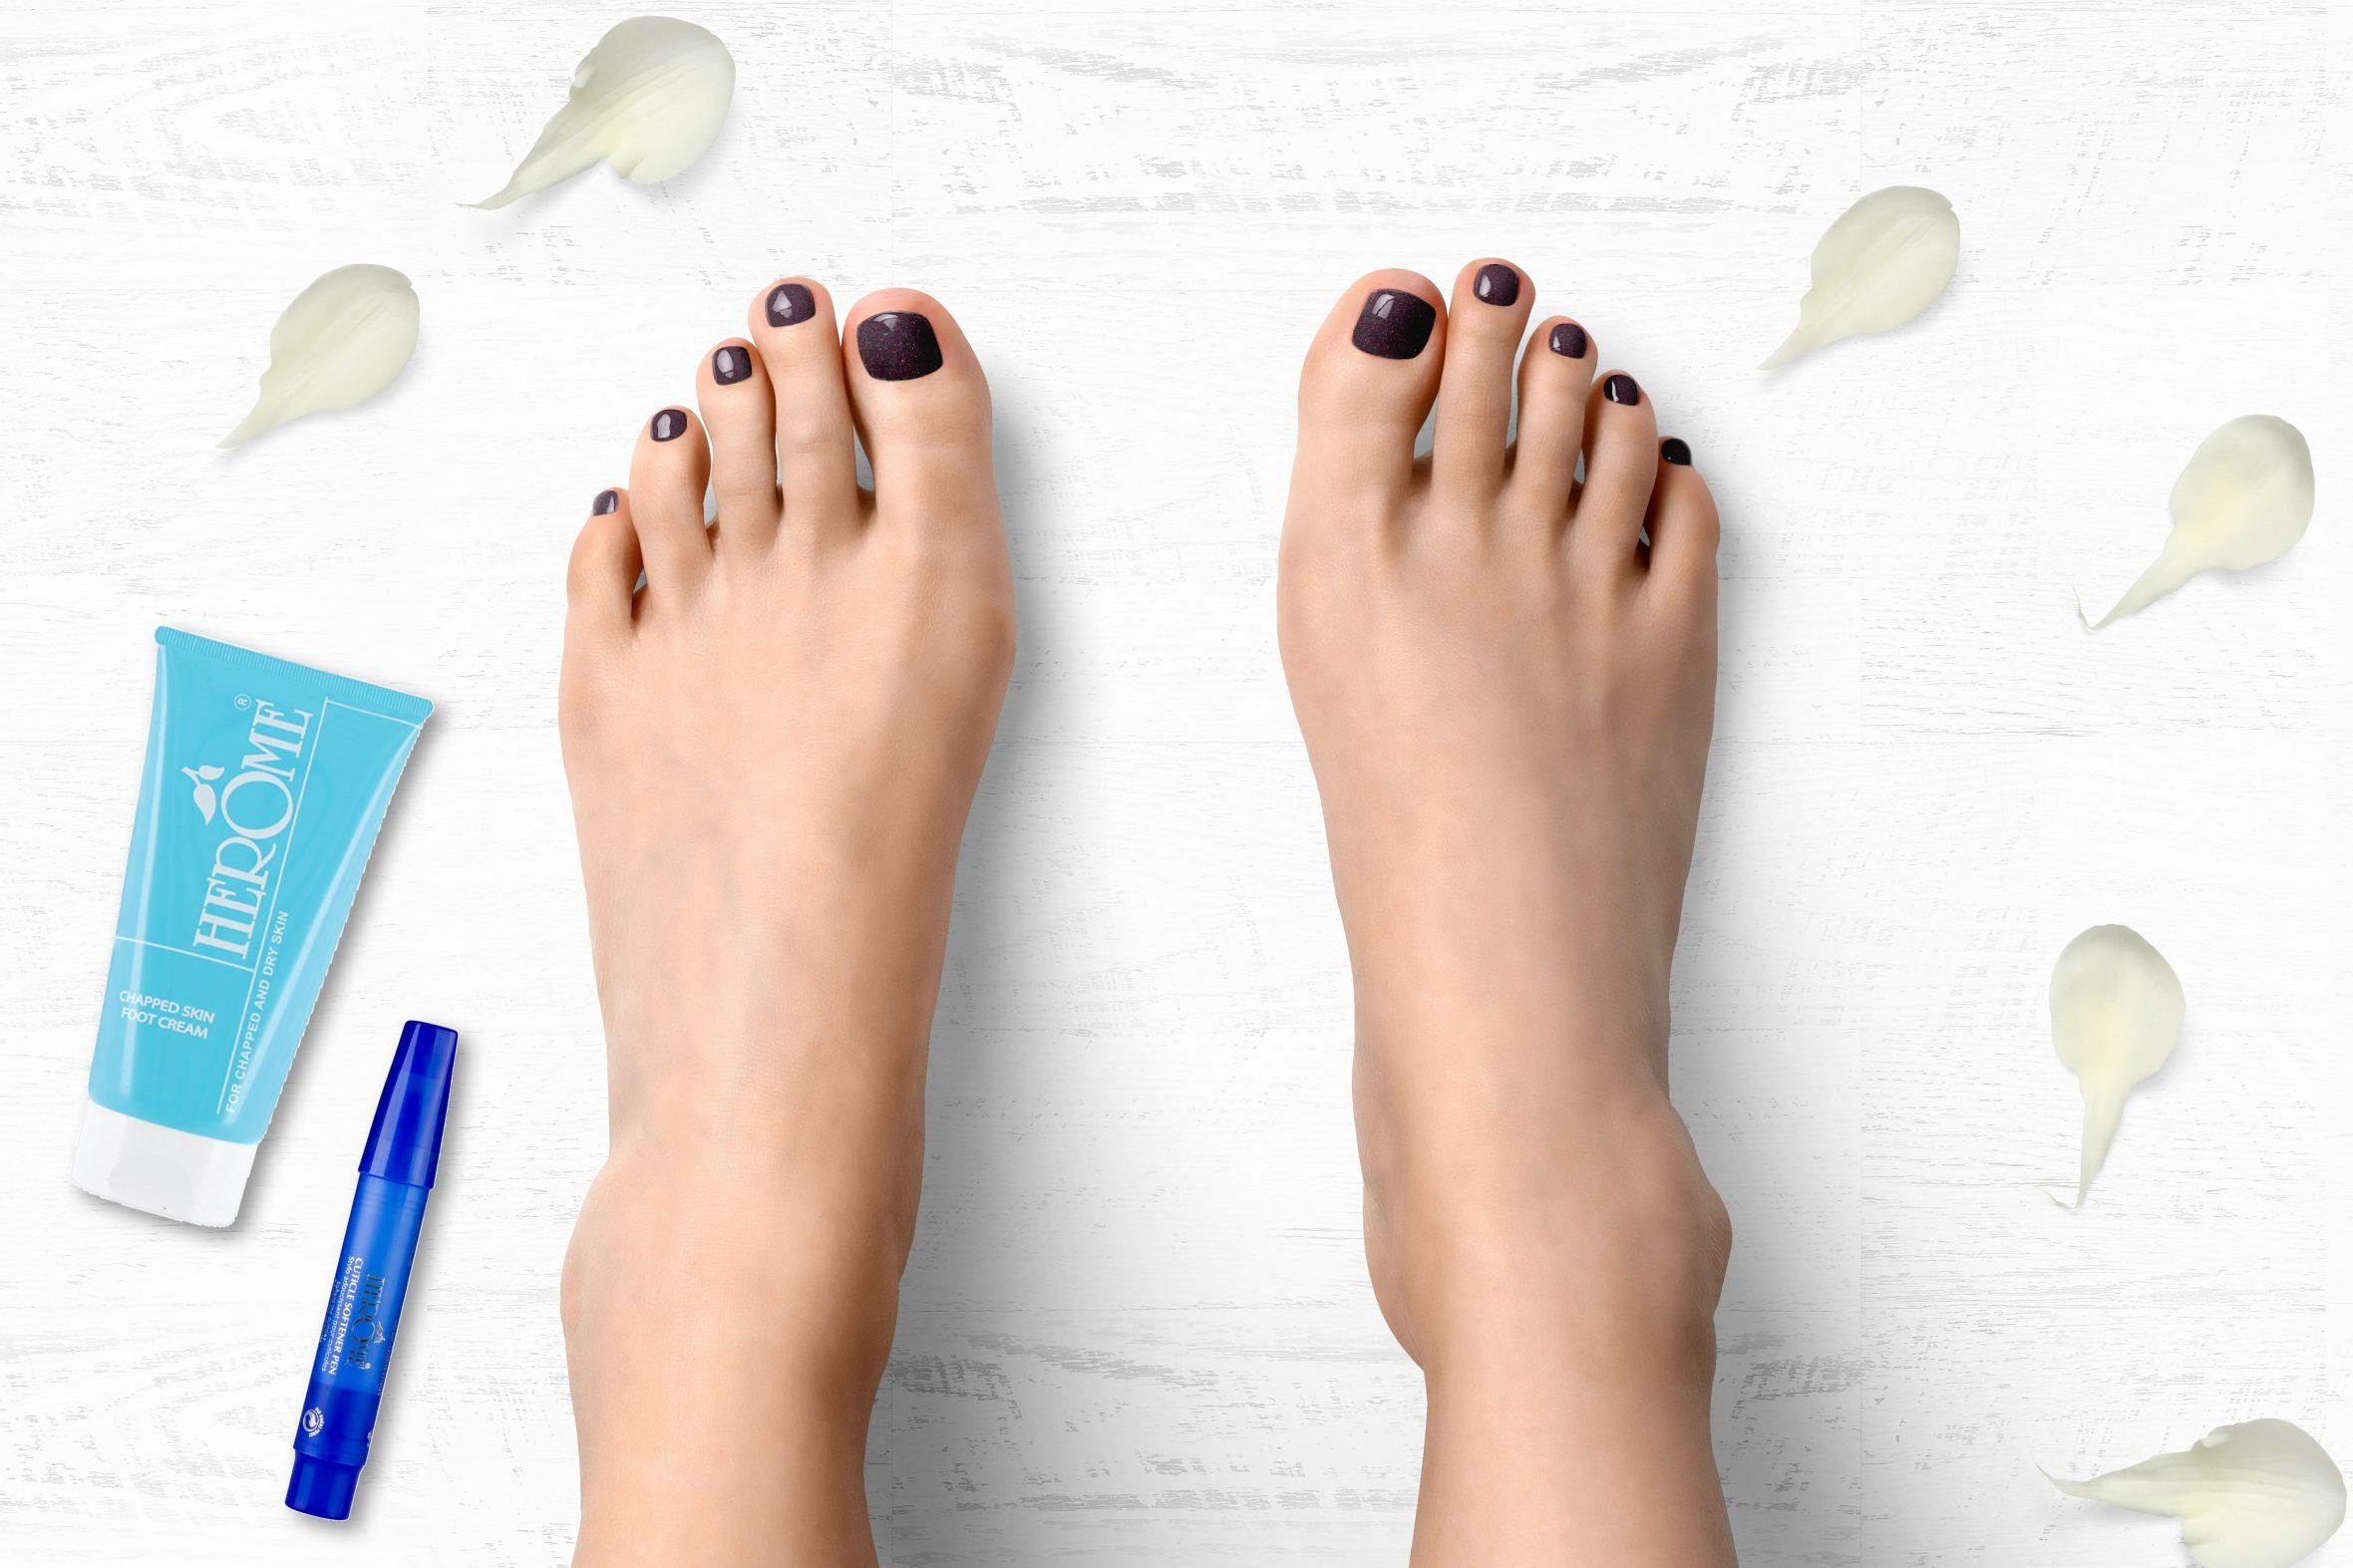 Paarse glitter nagellak van Herôme voor een lente/zomer pedicure